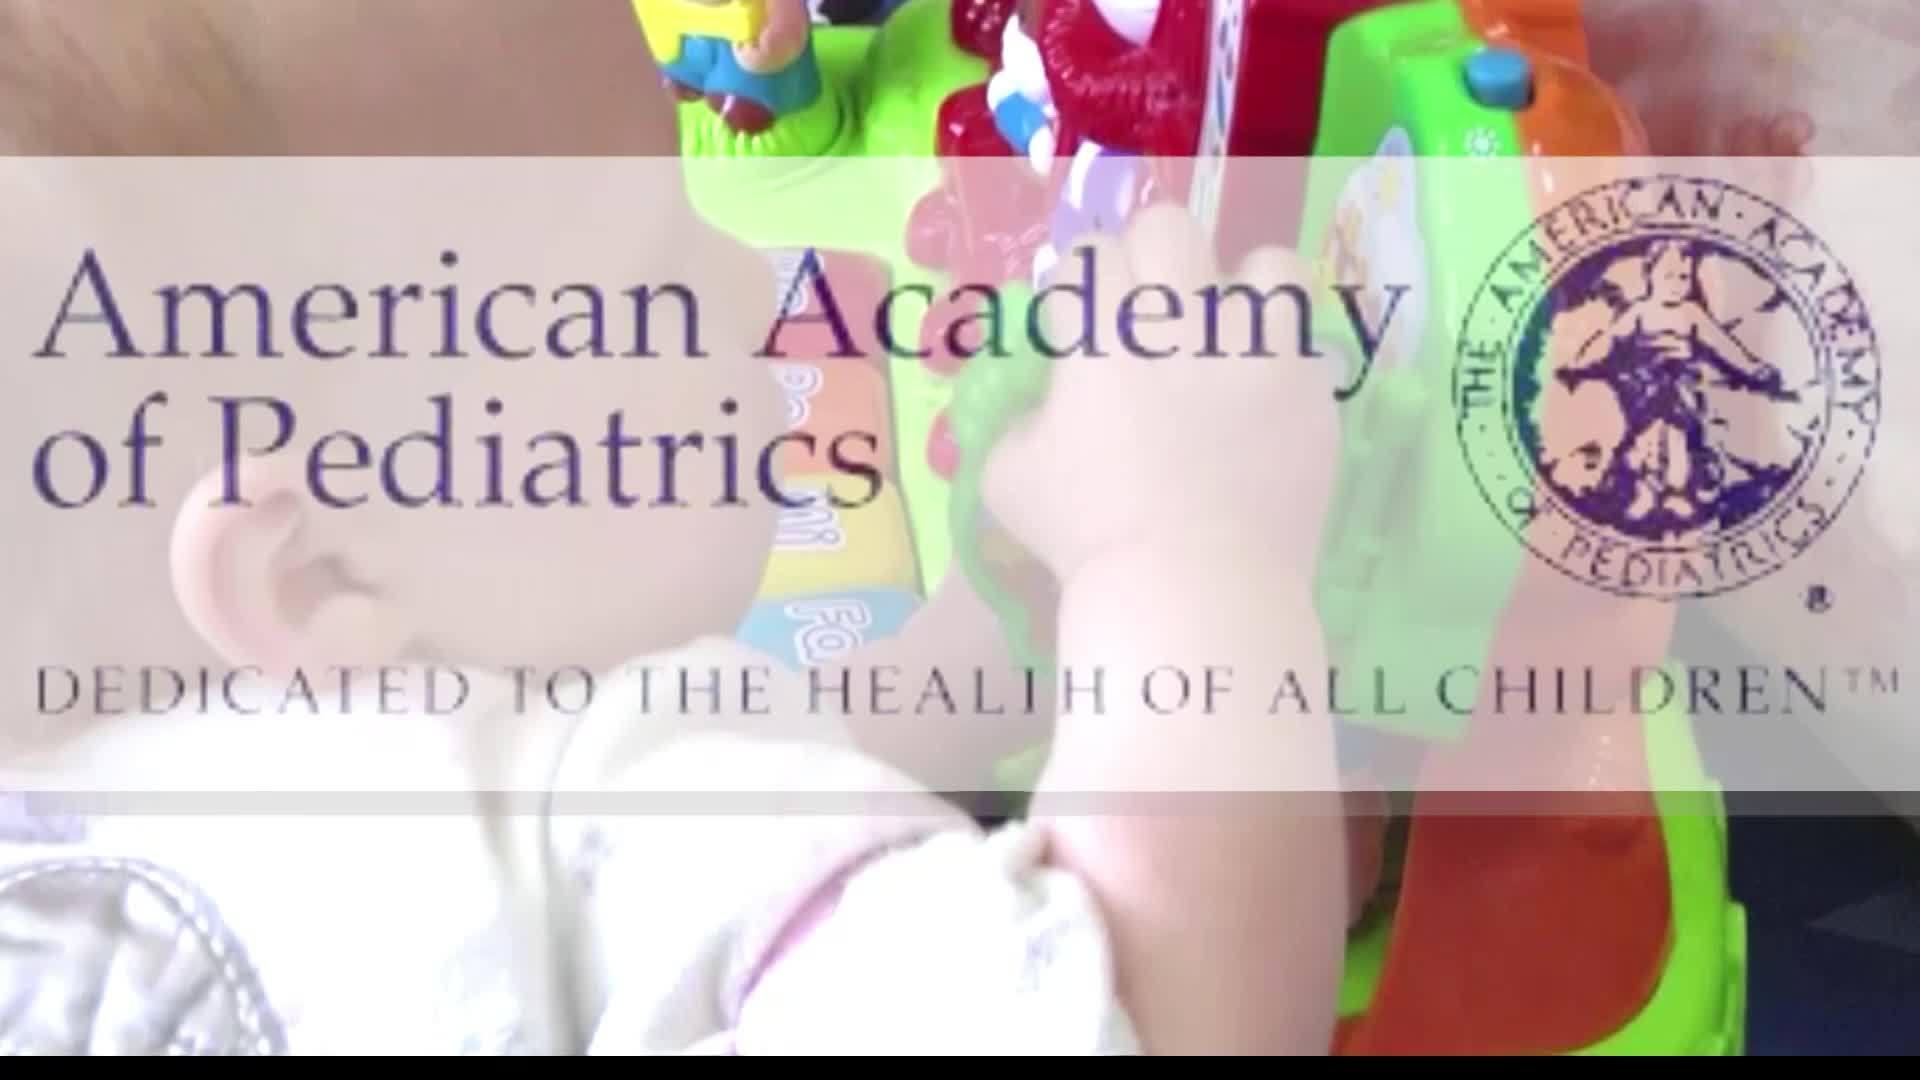 Pediatricians_Warn_Spanking_Is_Harmful_a_6_20190201014010-118809306